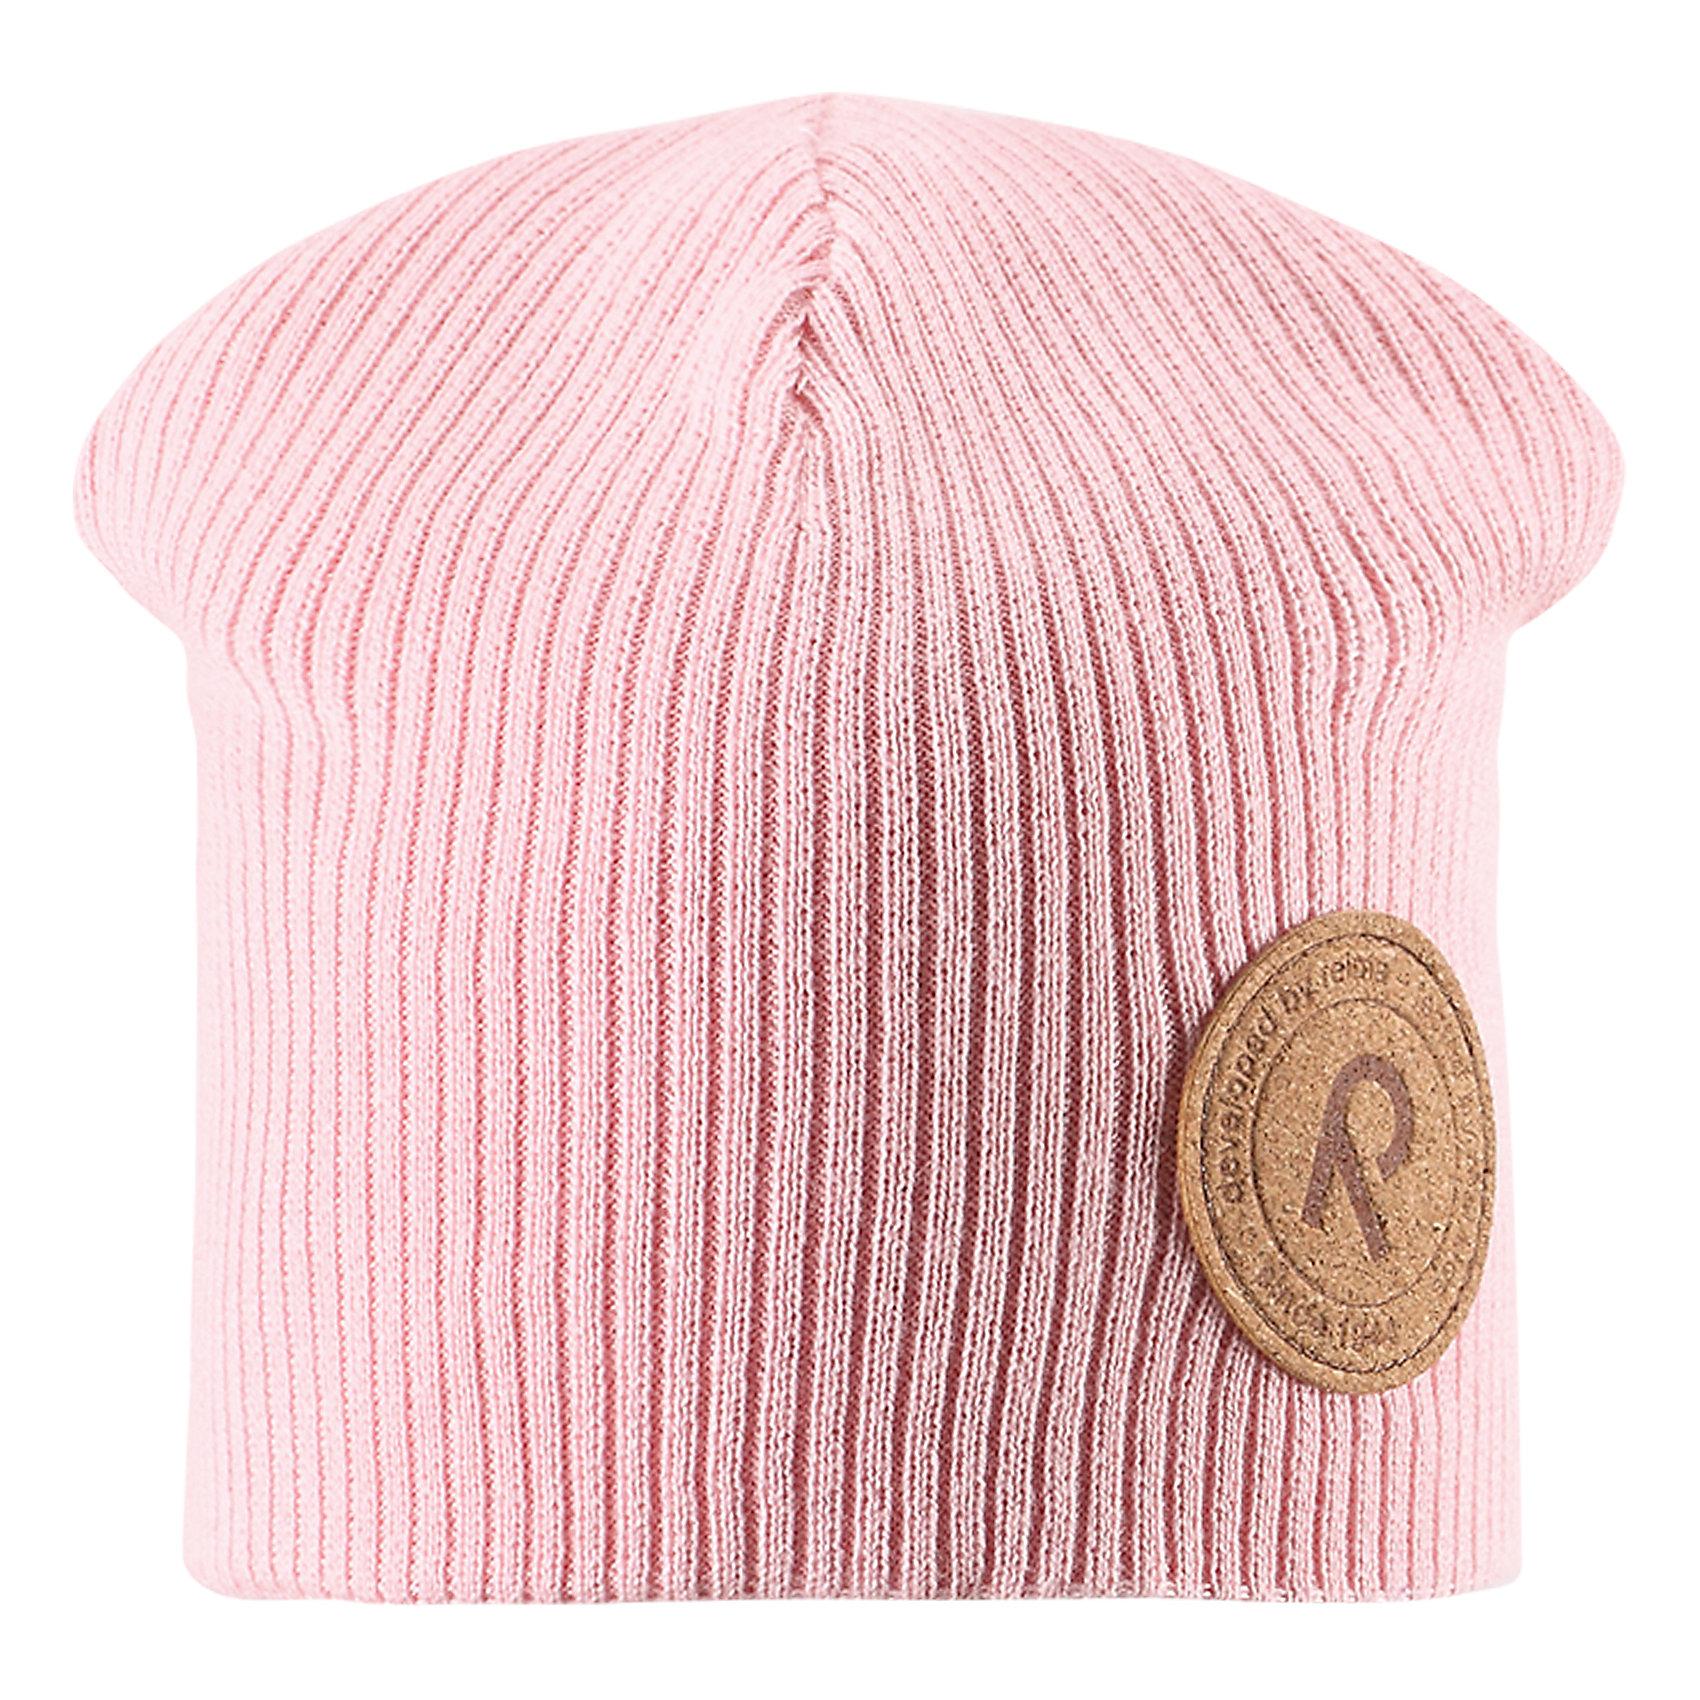 Шапка Majakka для девочки ReimaШапки и шарфы<br>Характеристики товара:<br><br>• цвет: светло-розовый<br>• состав: 100% хлопок<br>• температурный режим: от +5С<br>• эластичный хлопковый трикотаж<br>• изделие сертифицированно по стандарту Oeko-Tex на продукцию класса 2 - одежда, контактирующая с кожей<br>• сплошная подкладка из хлопкового трикотажа<br>• эмблема Reima спереди<br>• страна бренда: Финляндия<br>• страна производства: Китай<br><br>Детский головной убор может быть модным и удобным одновременно! Стильная шапка поможет обеспечить ребенку комфорт и дополнить наряд. Шапка удобно сидит и аккуратно выглядит. Проста в уходе, долго служит. Стильный дизайн разрабатывался специально для детей. Отличная защита от дождя и ветра!<br><br>Уход:<br><br>• стирать по отдельности, вывернув наизнанку<br>• придать первоначальную форму вo влажном виде<br>• возможна усадка 5 %.<br><br>Шапку от финского бренда Reima (Рейма) можно купить в нашем интернет-магазине.<br><br>Ширина мм: 89<br>Глубина мм: 117<br>Высота мм: 44<br>Вес г: 155<br>Цвет: розовый<br>Возраст от месяцев: 84<br>Возраст до месяцев: 144<br>Пол: Женский<br>Возраст: Детский<br>Размер: 56,50,52,54<br>SKU: 5267836